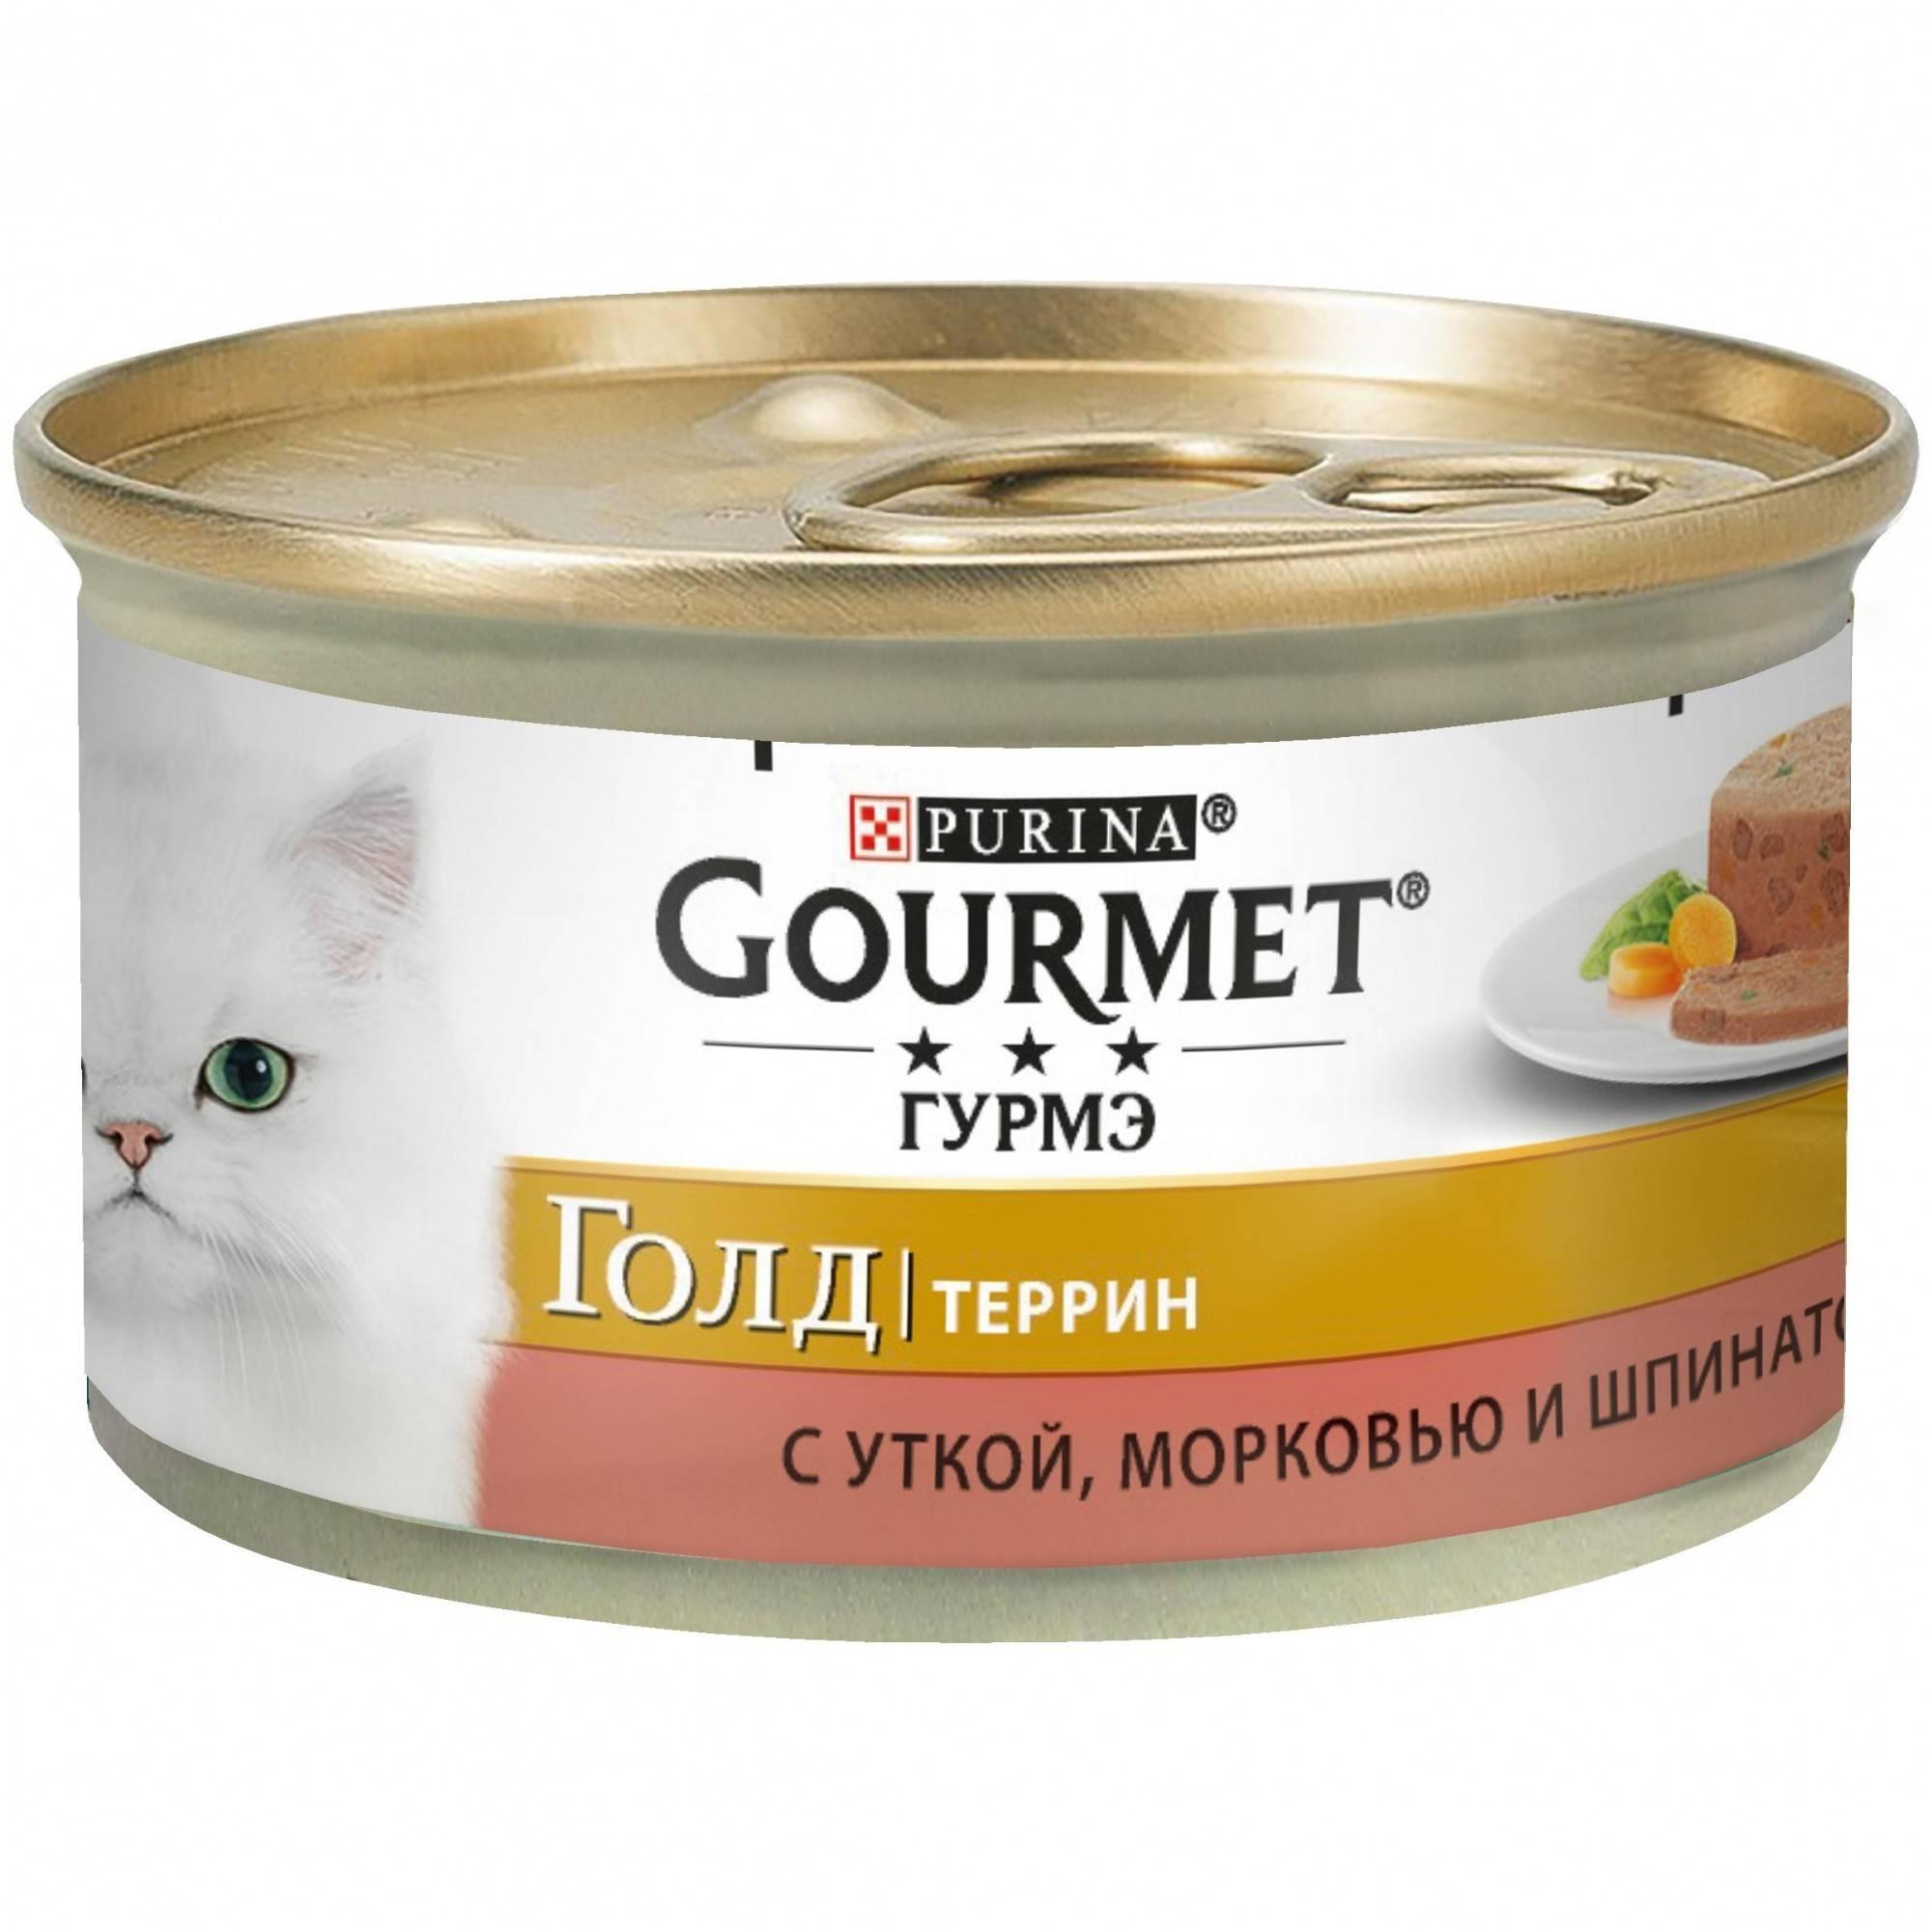 GOURMET Gold Terrine Duck & Carrot & Spinach – консерва с уткой, морковью и шпинатом для взрослых котов